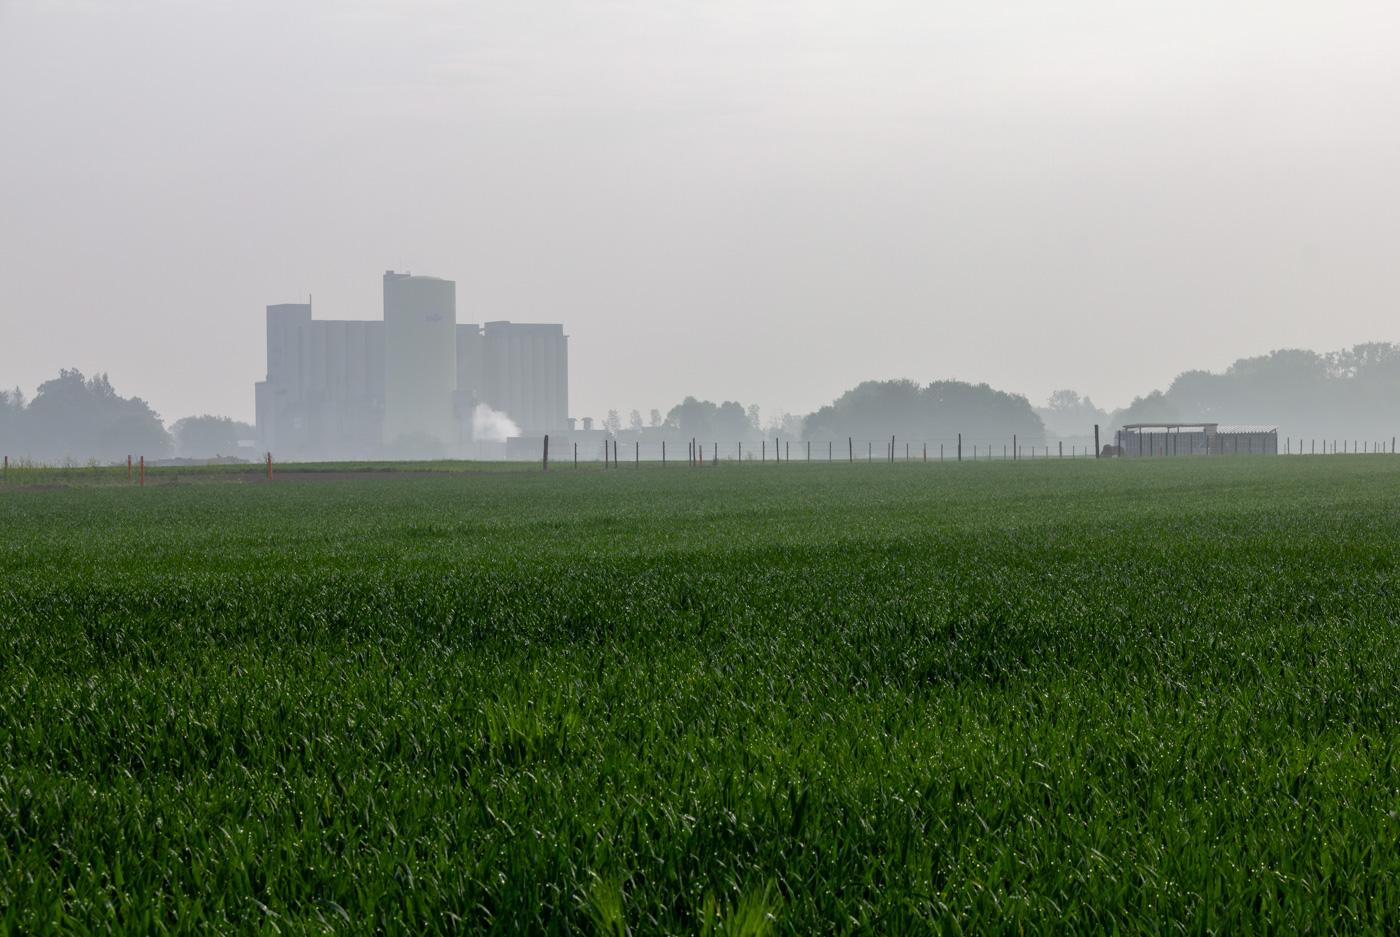 benedicte craeye - landschap aan de rand van de rand urbanisatie